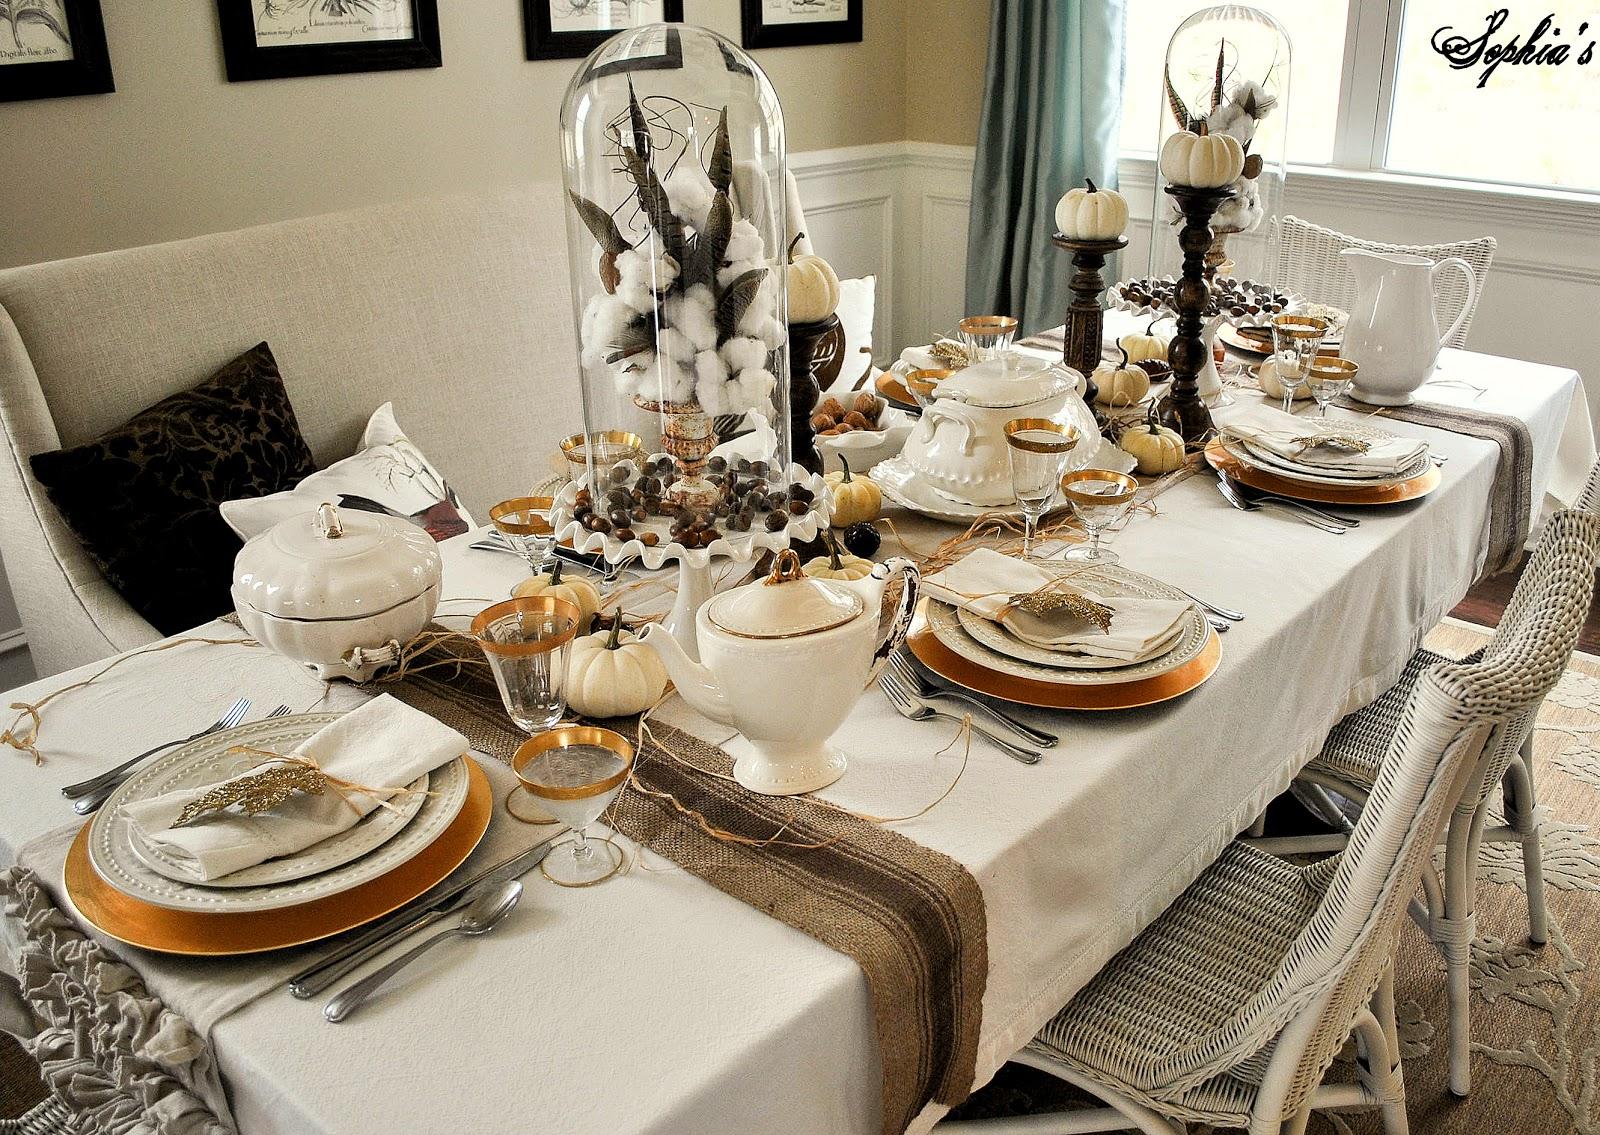 sophia s thanksgiving table